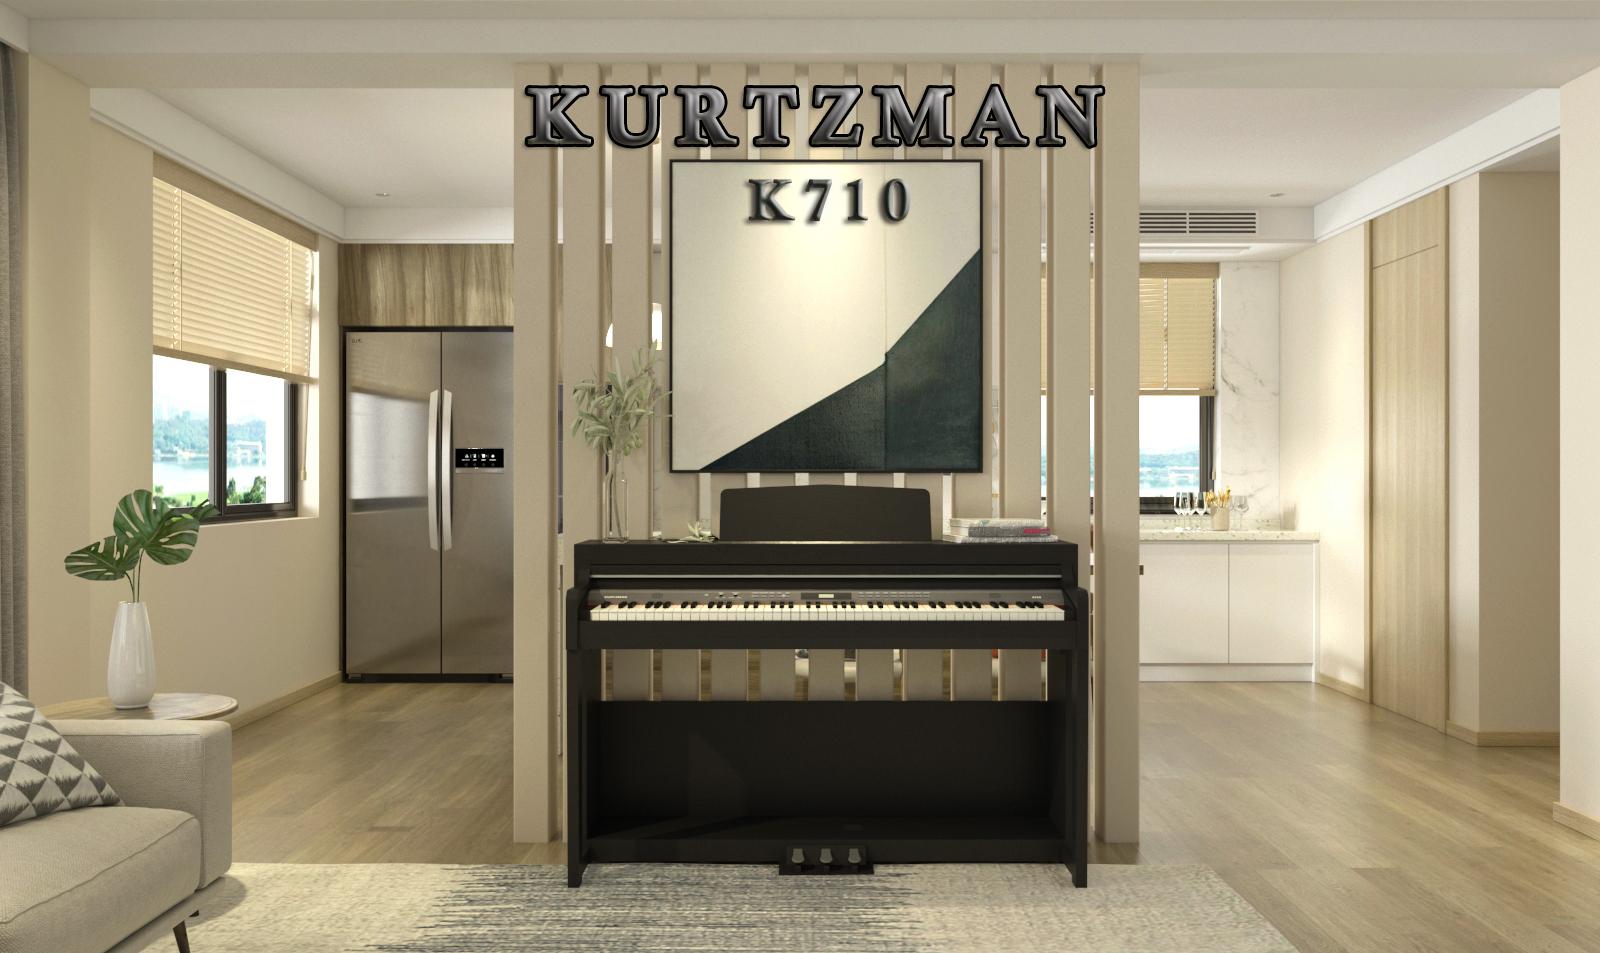 Kurtzman K710